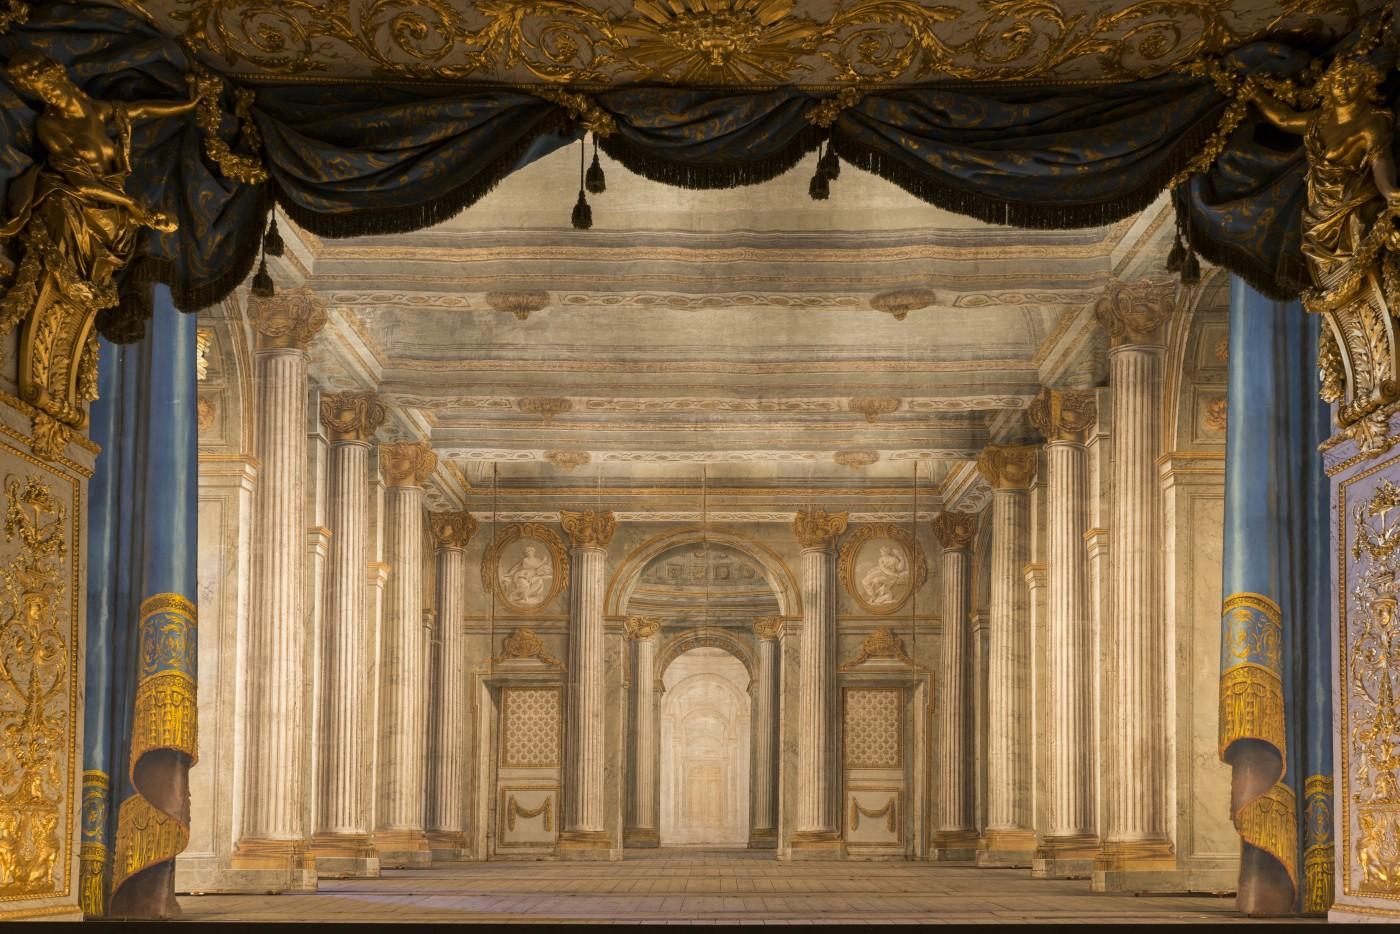 Décor de Théâtre Temple de Minerve Slodtz Paul Ambroise (1702-1758) Slodtz Sébastien-Antoine (1695-1754) © Château de Versailles, Dist. RMN-Grand Palais / Christophe Fouin